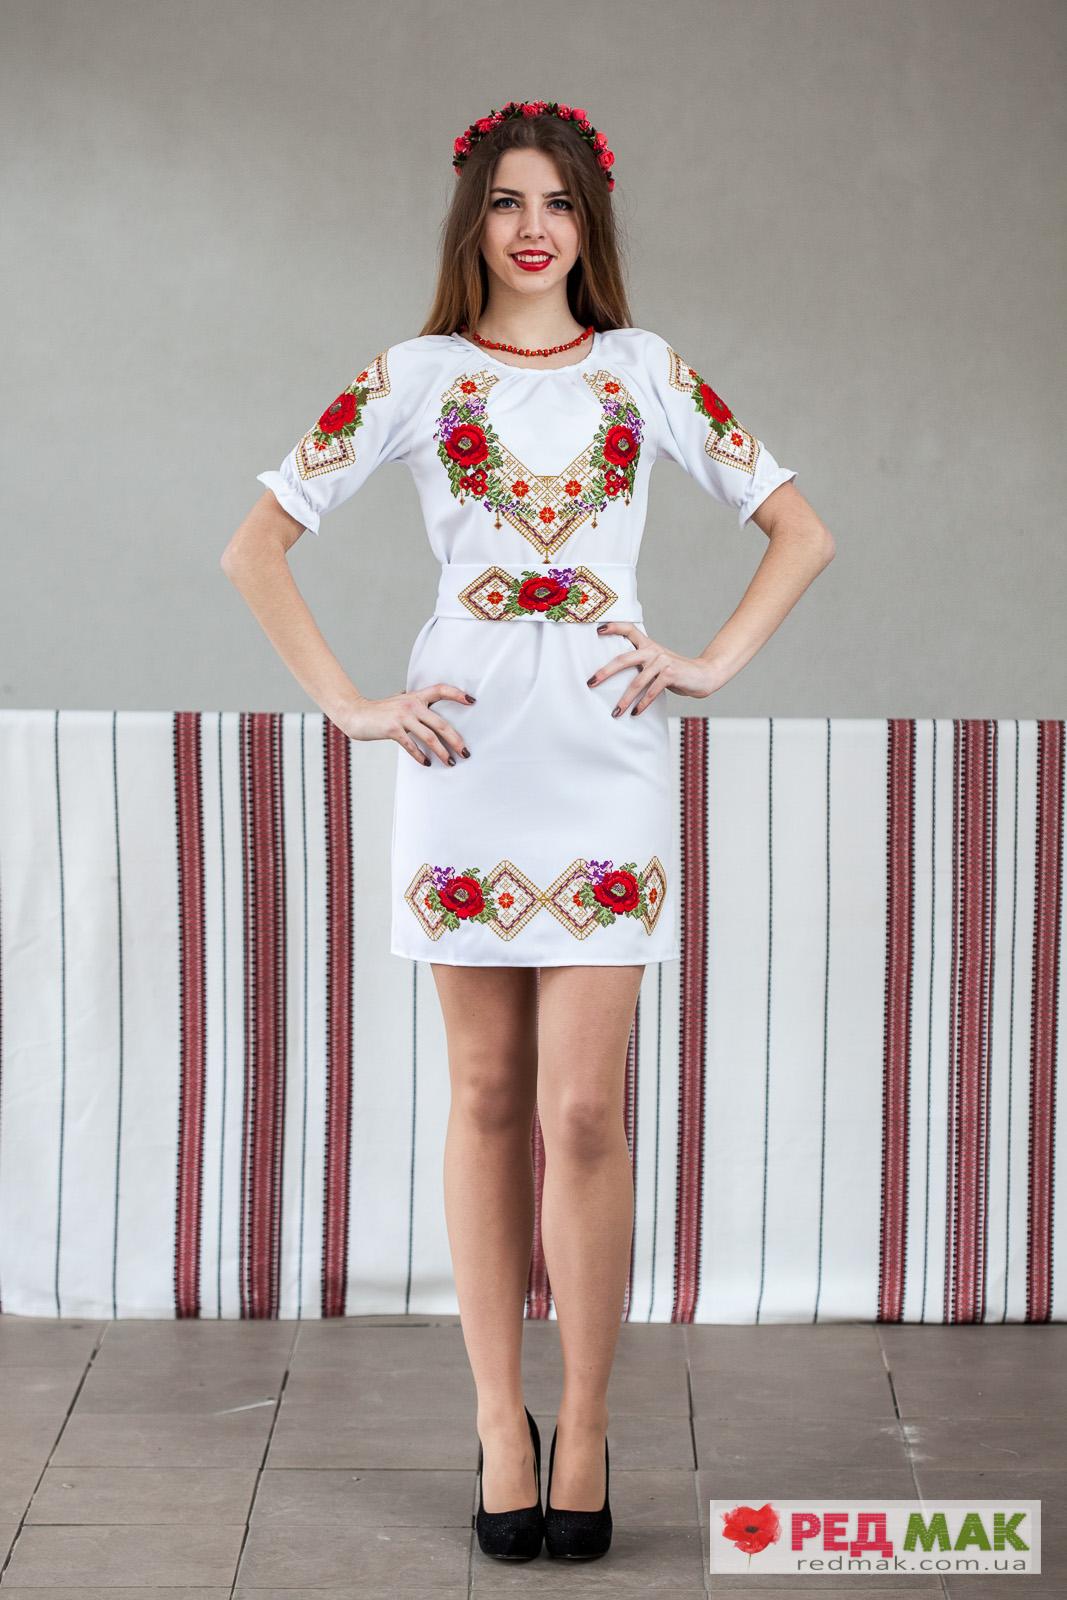 Біле плаття з квітковим і геометричним візерунком та вишитим поясом